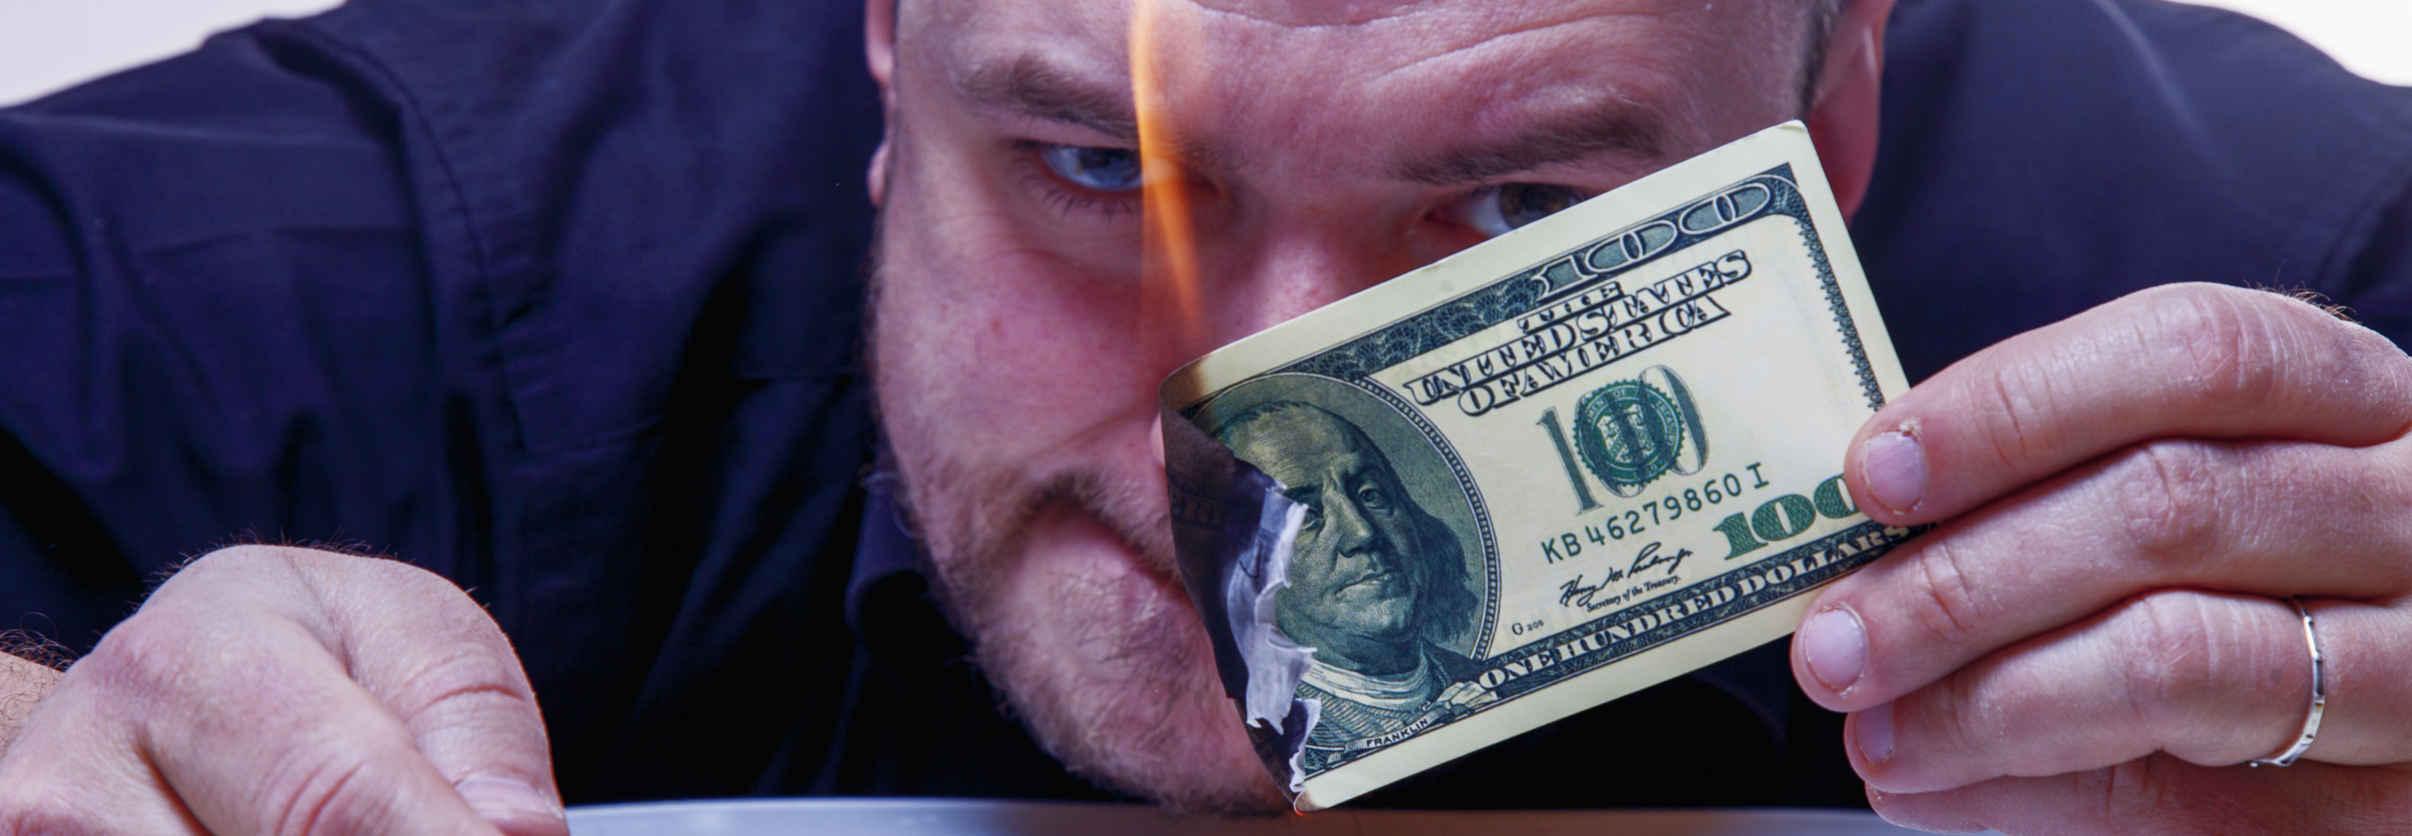 Pessoa queimando dólar por stablecoin